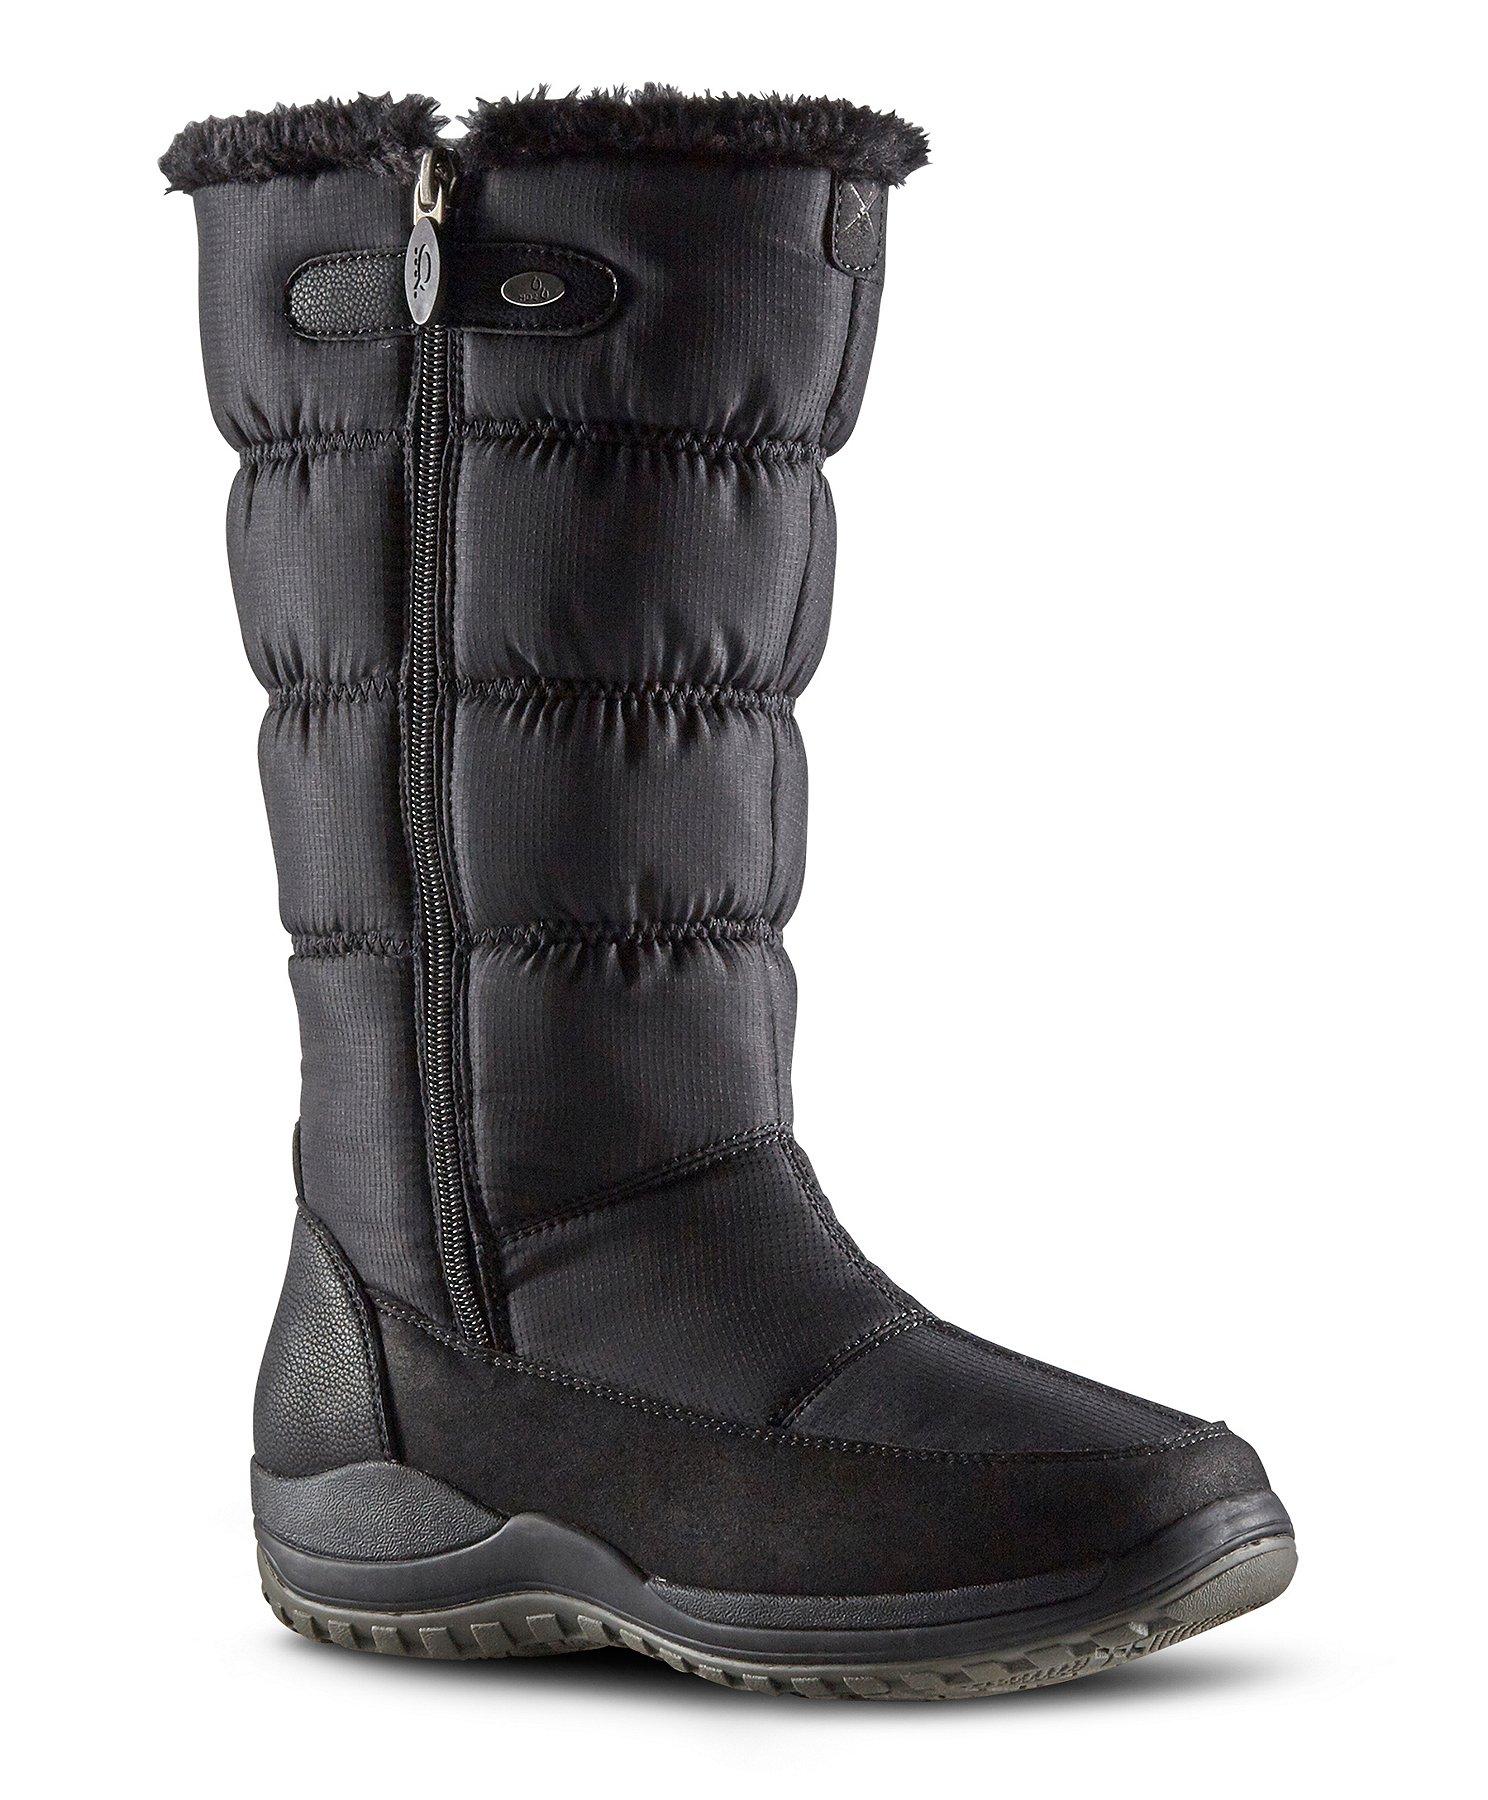 official photos 2019 best 60% cheap Women's Pepper Tall Winter Boots - Black